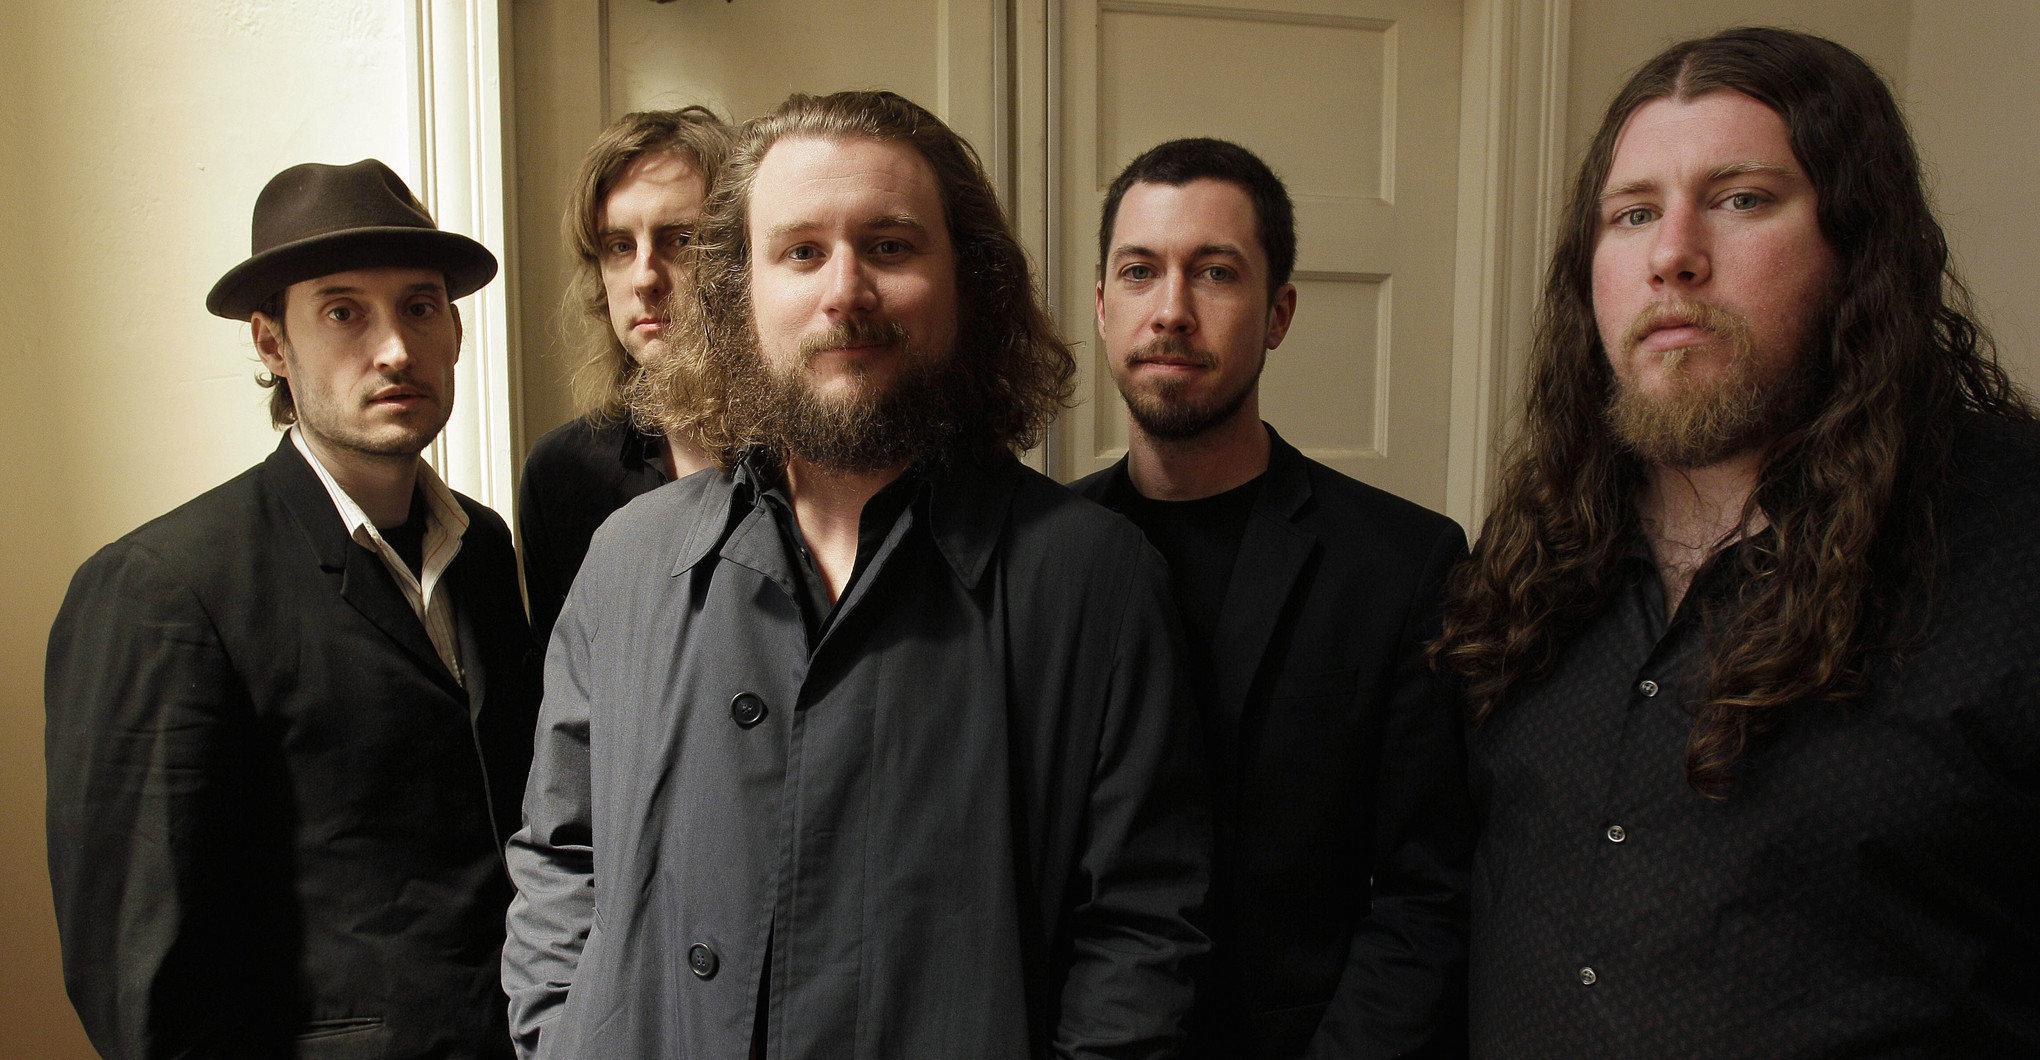 My Morning Jacket hace un cover a Eagles Of Death Metal para ayudar a las víctimas de los ataques en París